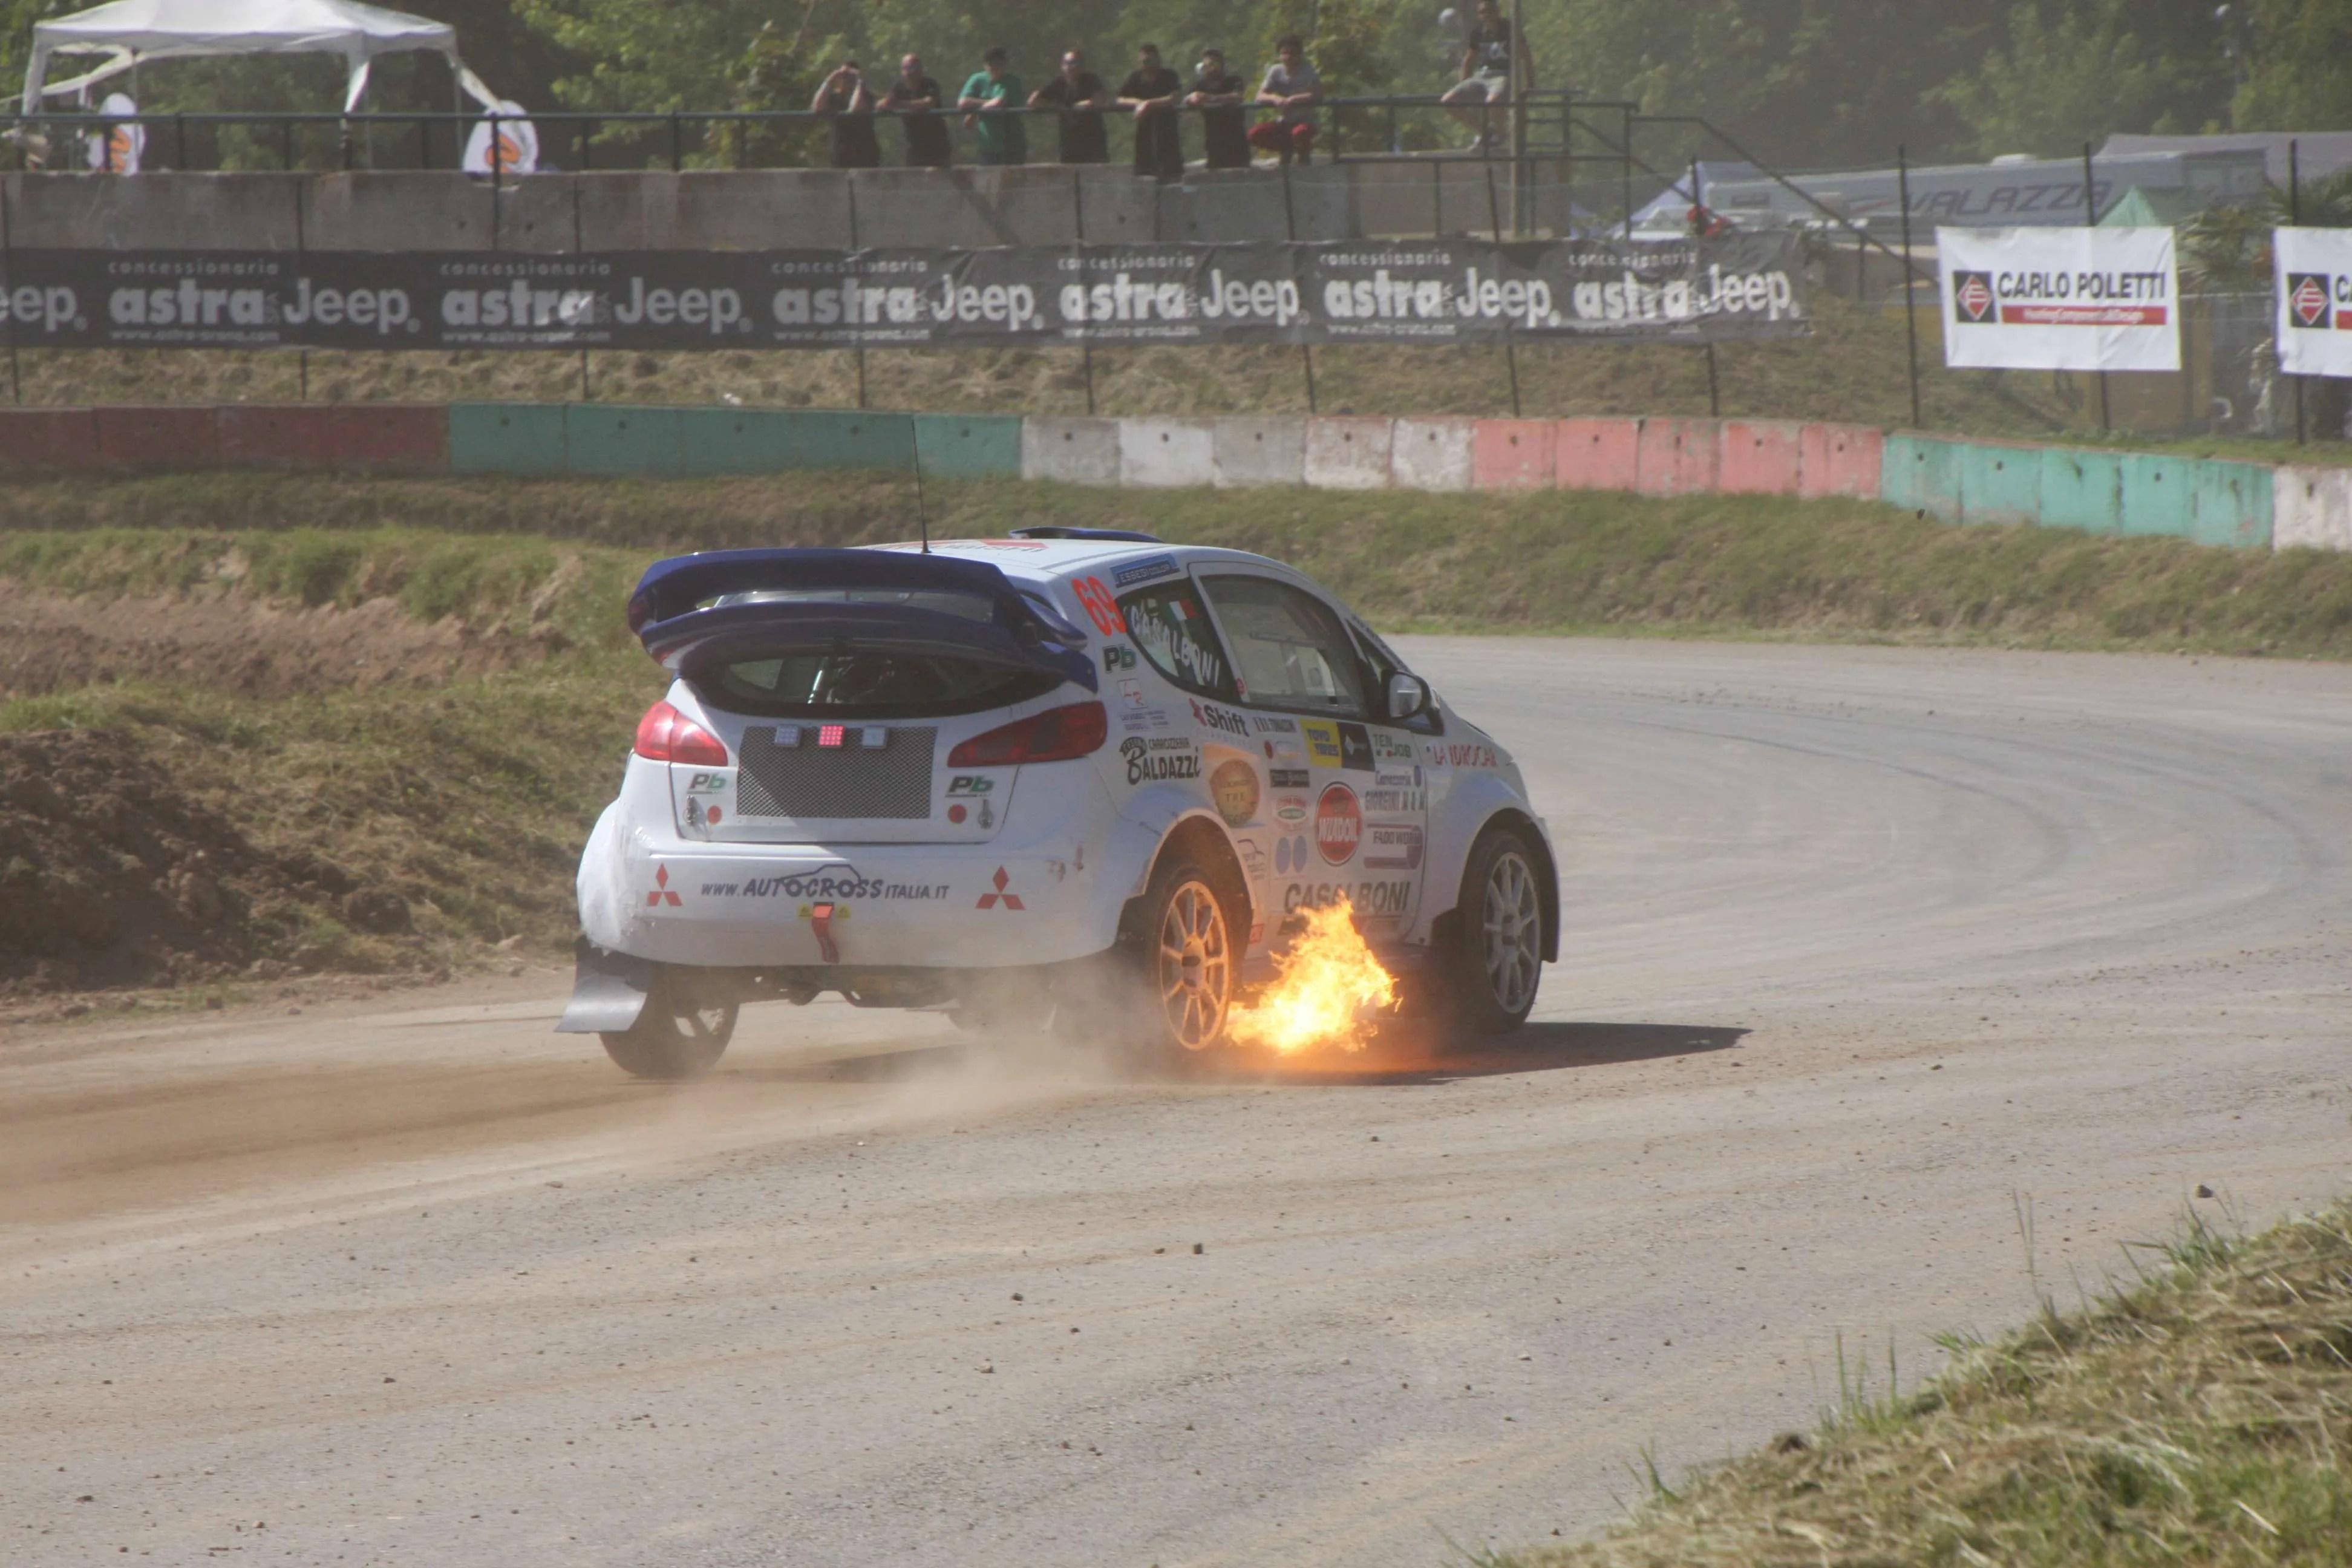 Campionato Italiano RX: Q1 infuocata!